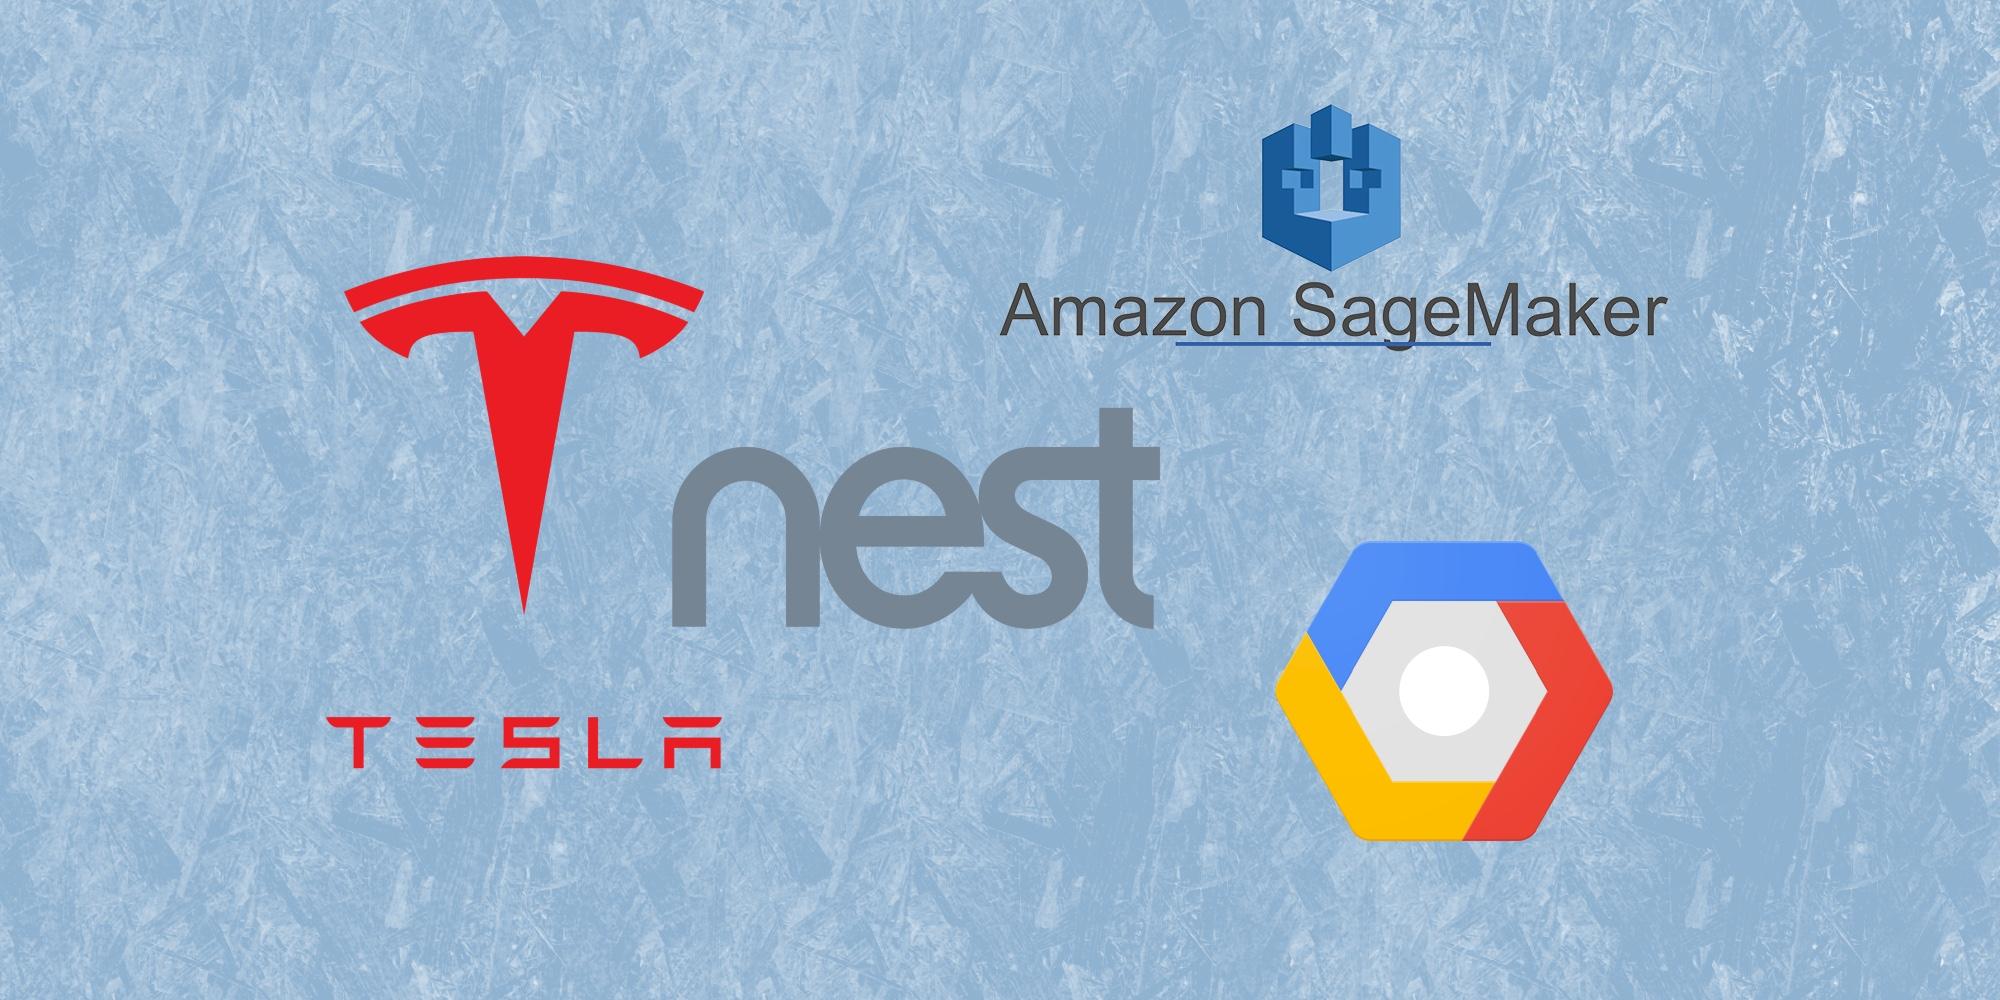 В особенности преимущества машинного обучения в Big Data видны в процессе построения IoT-систем. Технологию используют Tesla Motors и Nest, а также IoT-платформы: AWS IoT Greengrass ML Inference, SageMaker, Google Cloud IoT.